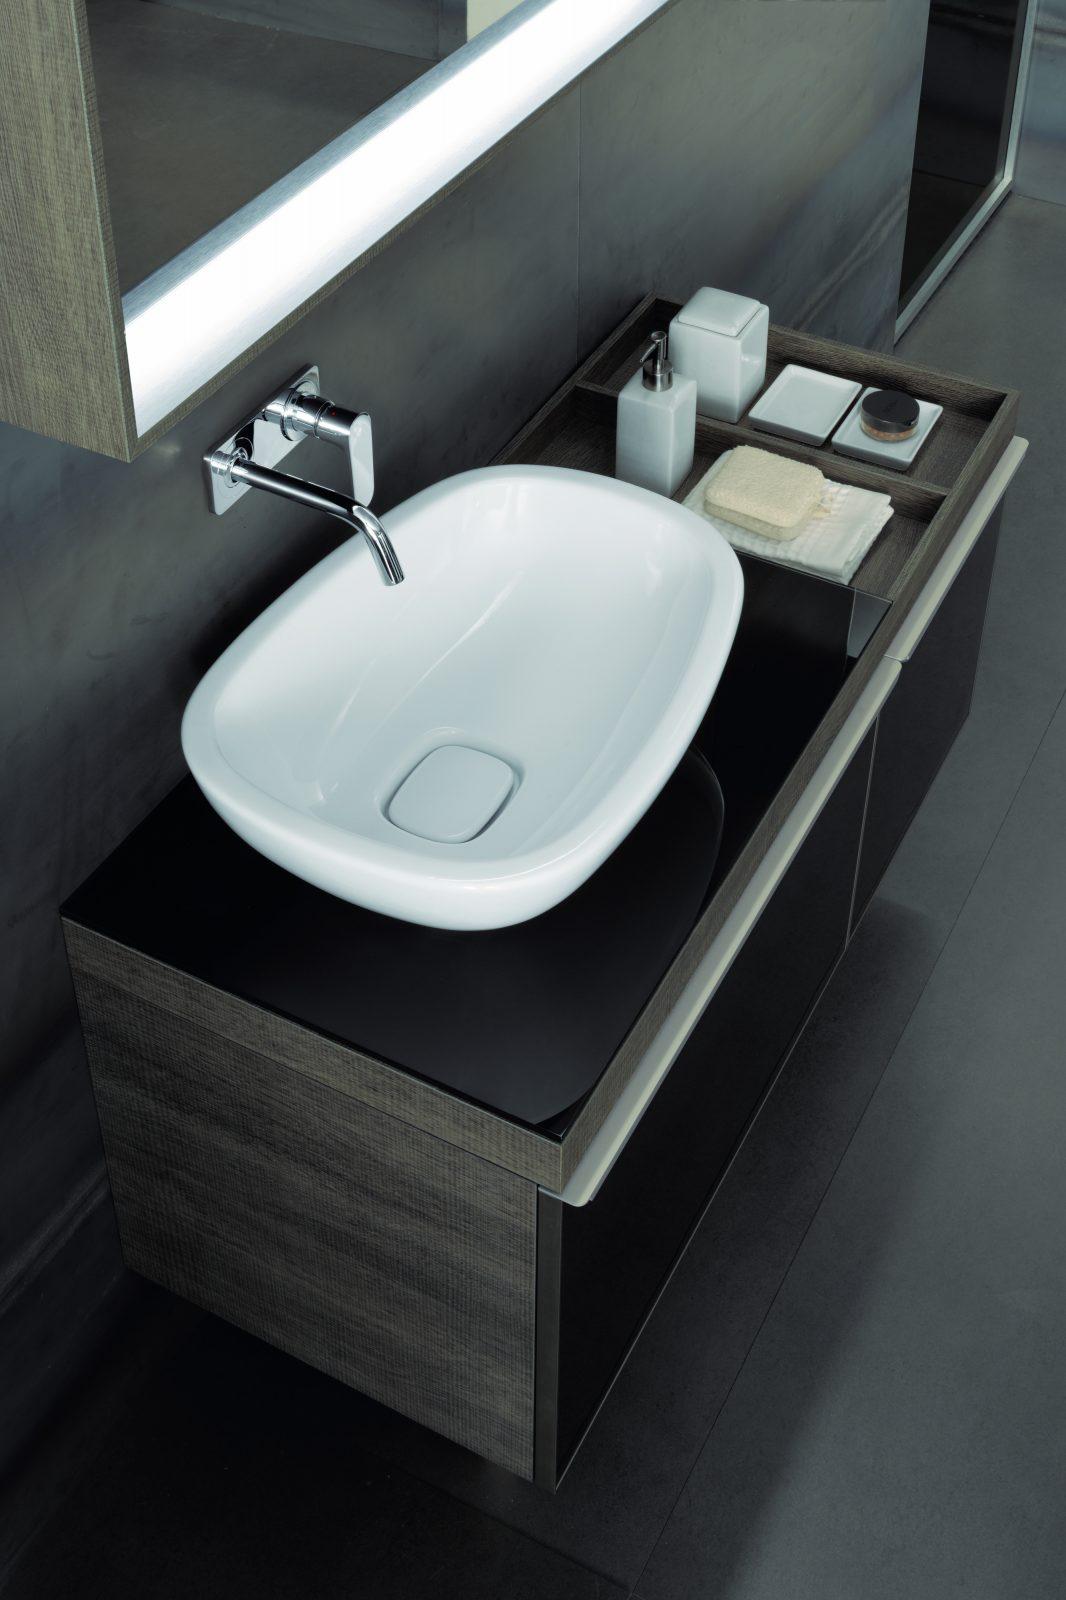 Vasques poser dans la salle de bains fiche produit for Vasque a poser allia